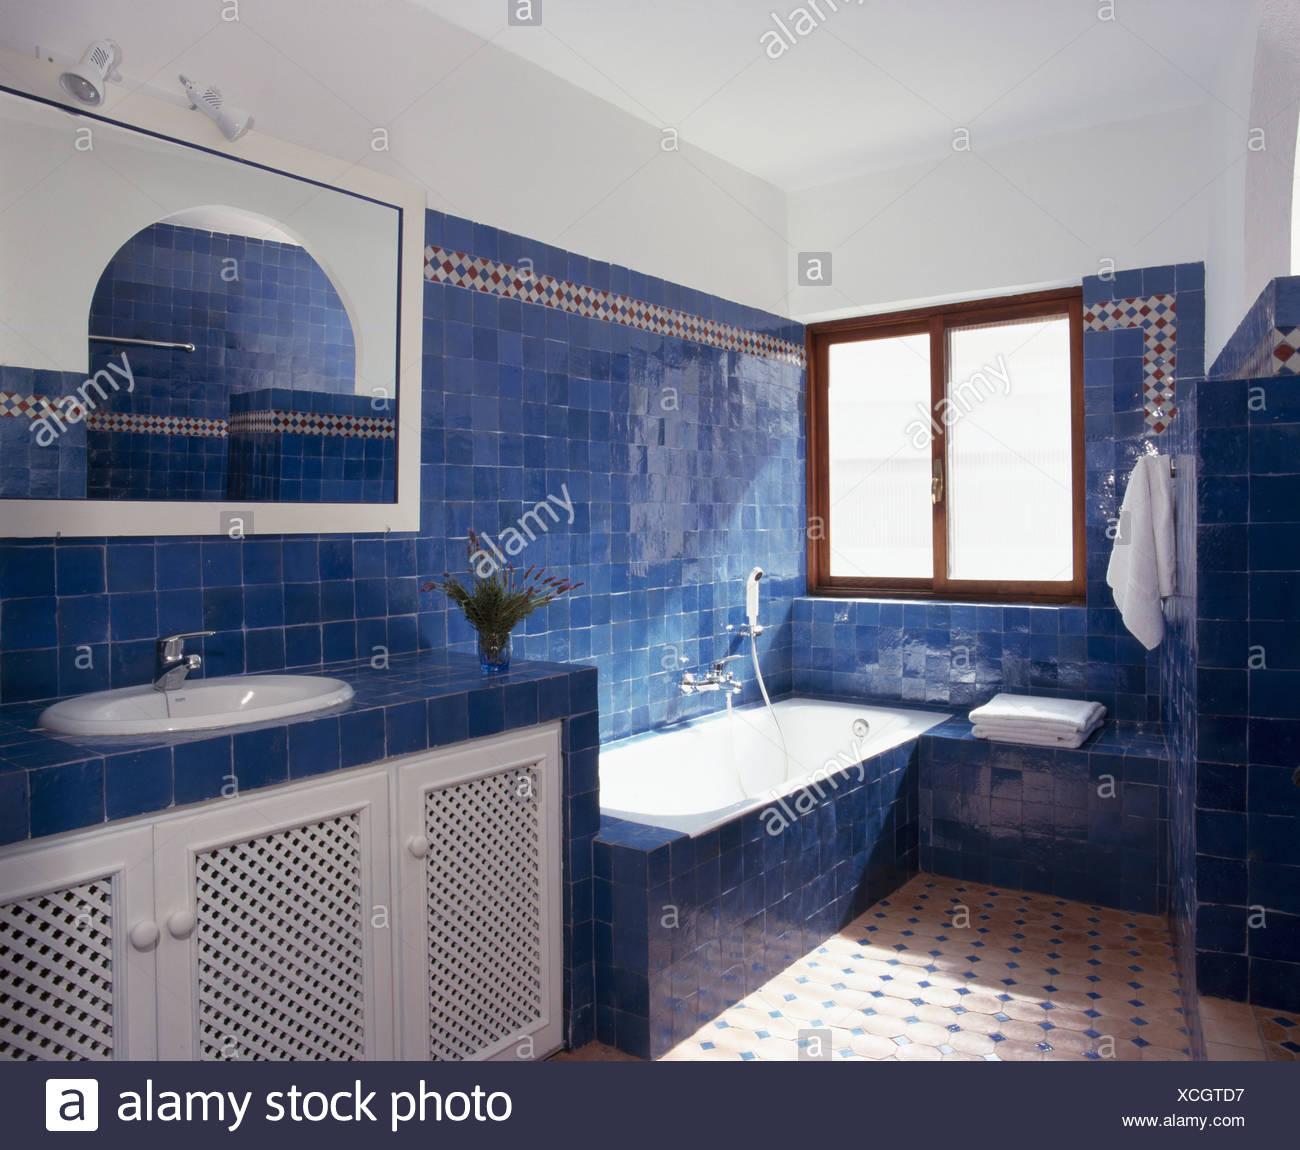 Hellen Blauen Fliesen An Wand Uber Der Badewanne Im Modernen